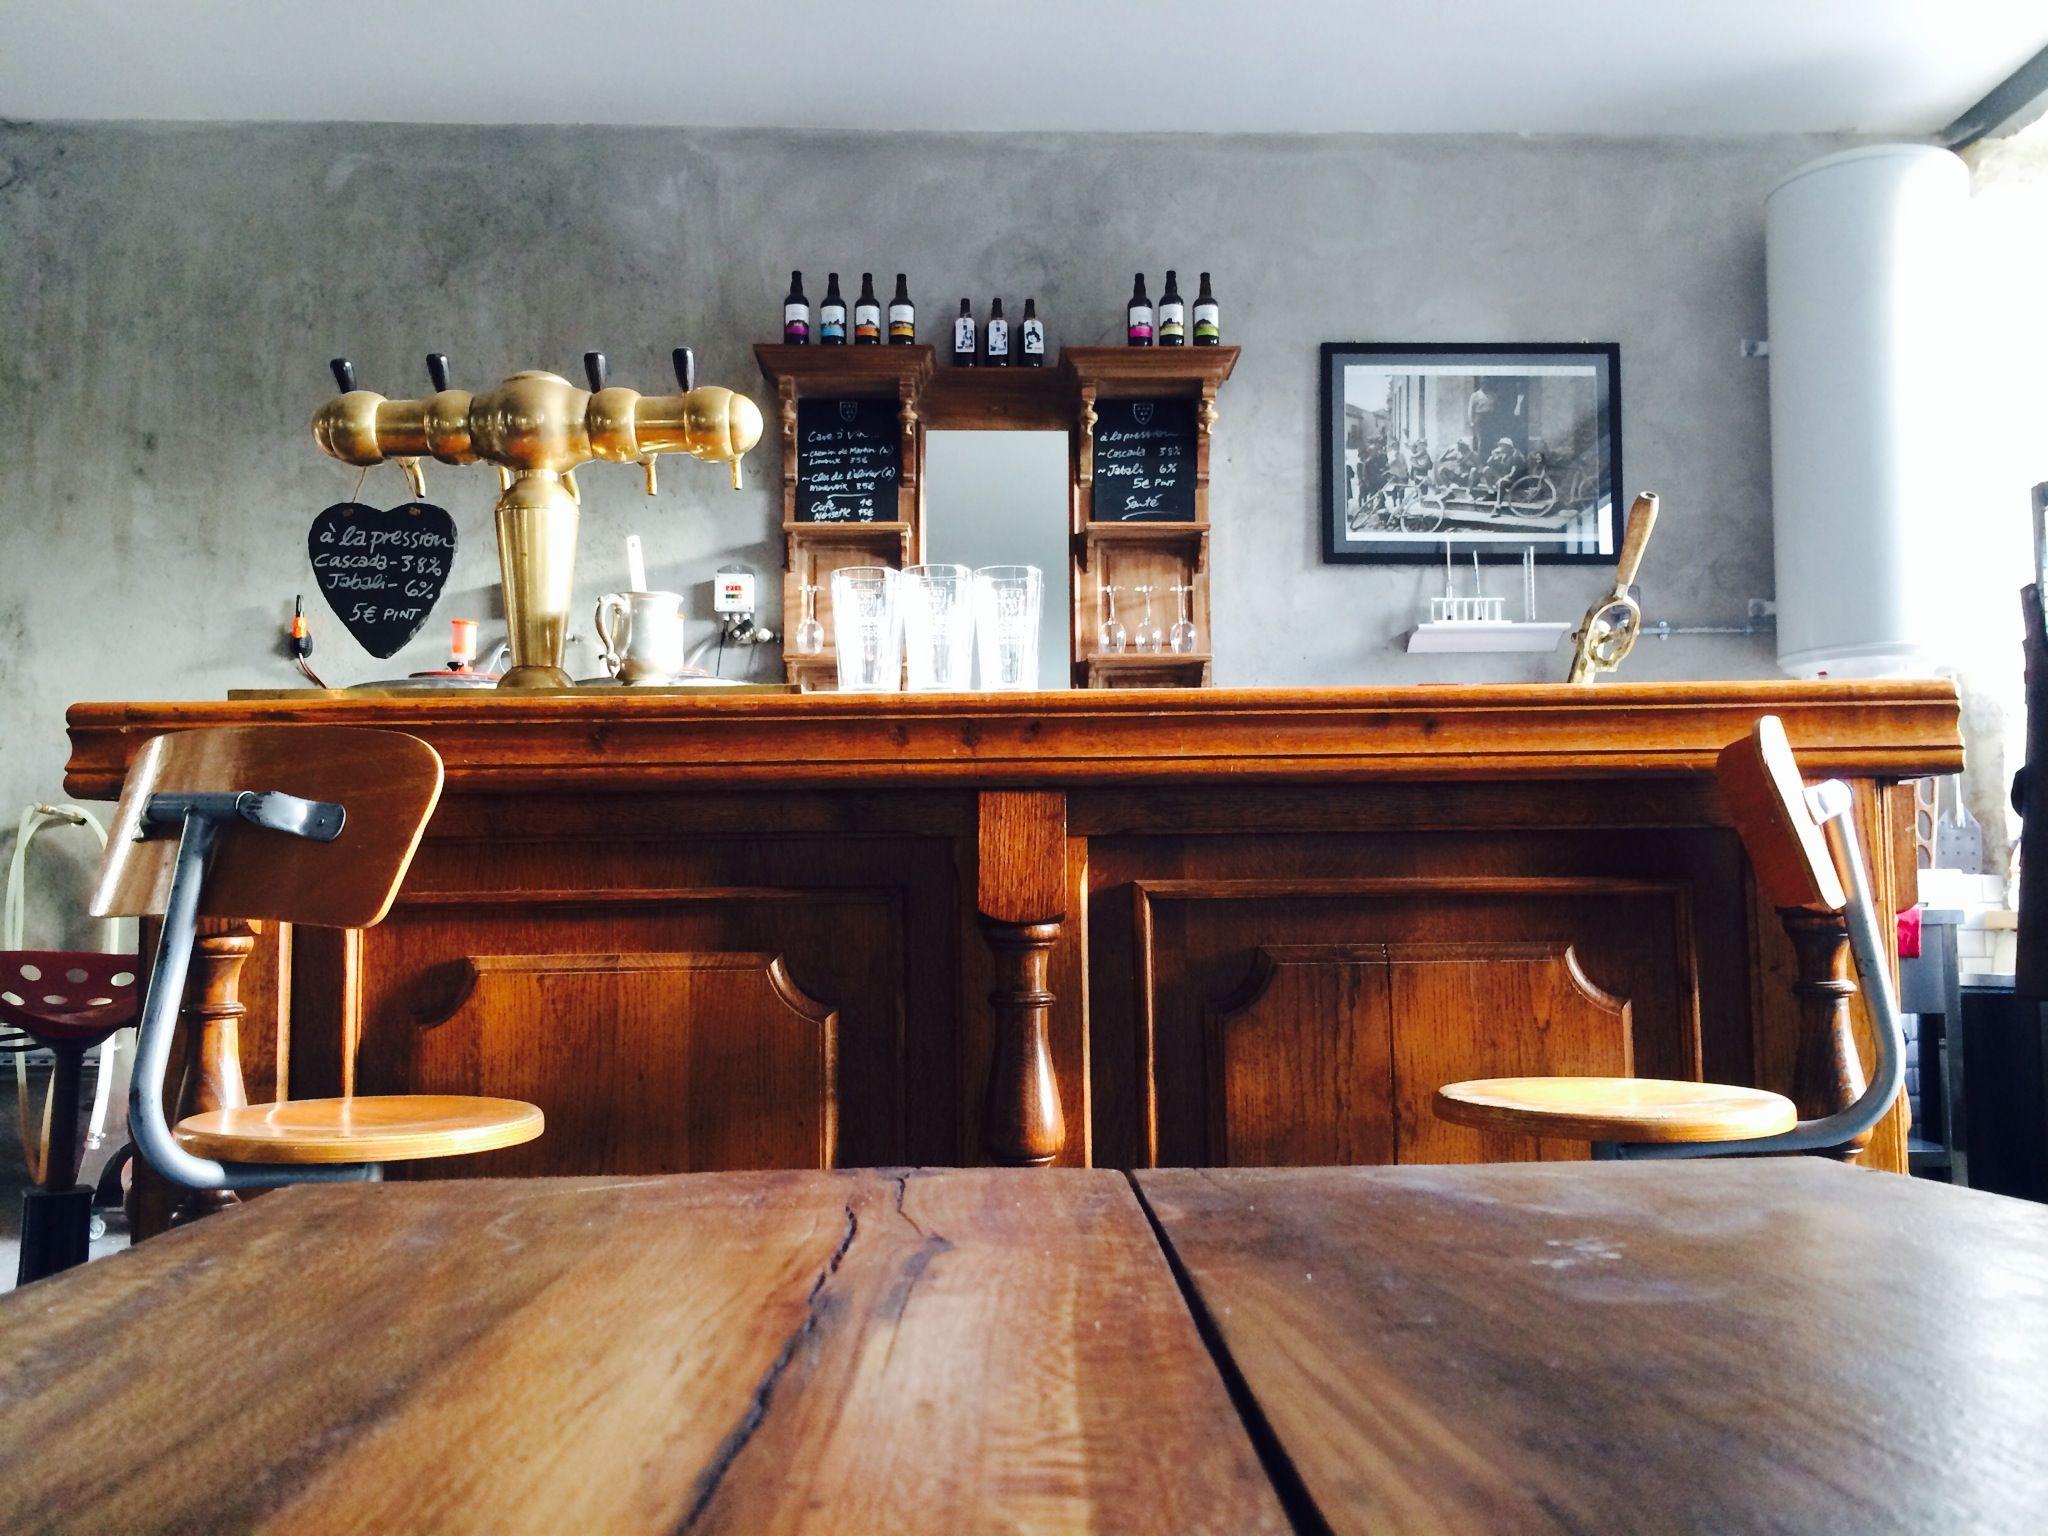 Brasserie Du Quercorb Bdq Bar Vintage Comptoir De Bar With Antique Brass Taps Biere Artisanale De Luxe Biere Artisanale Comptoir De Bar Brasserie